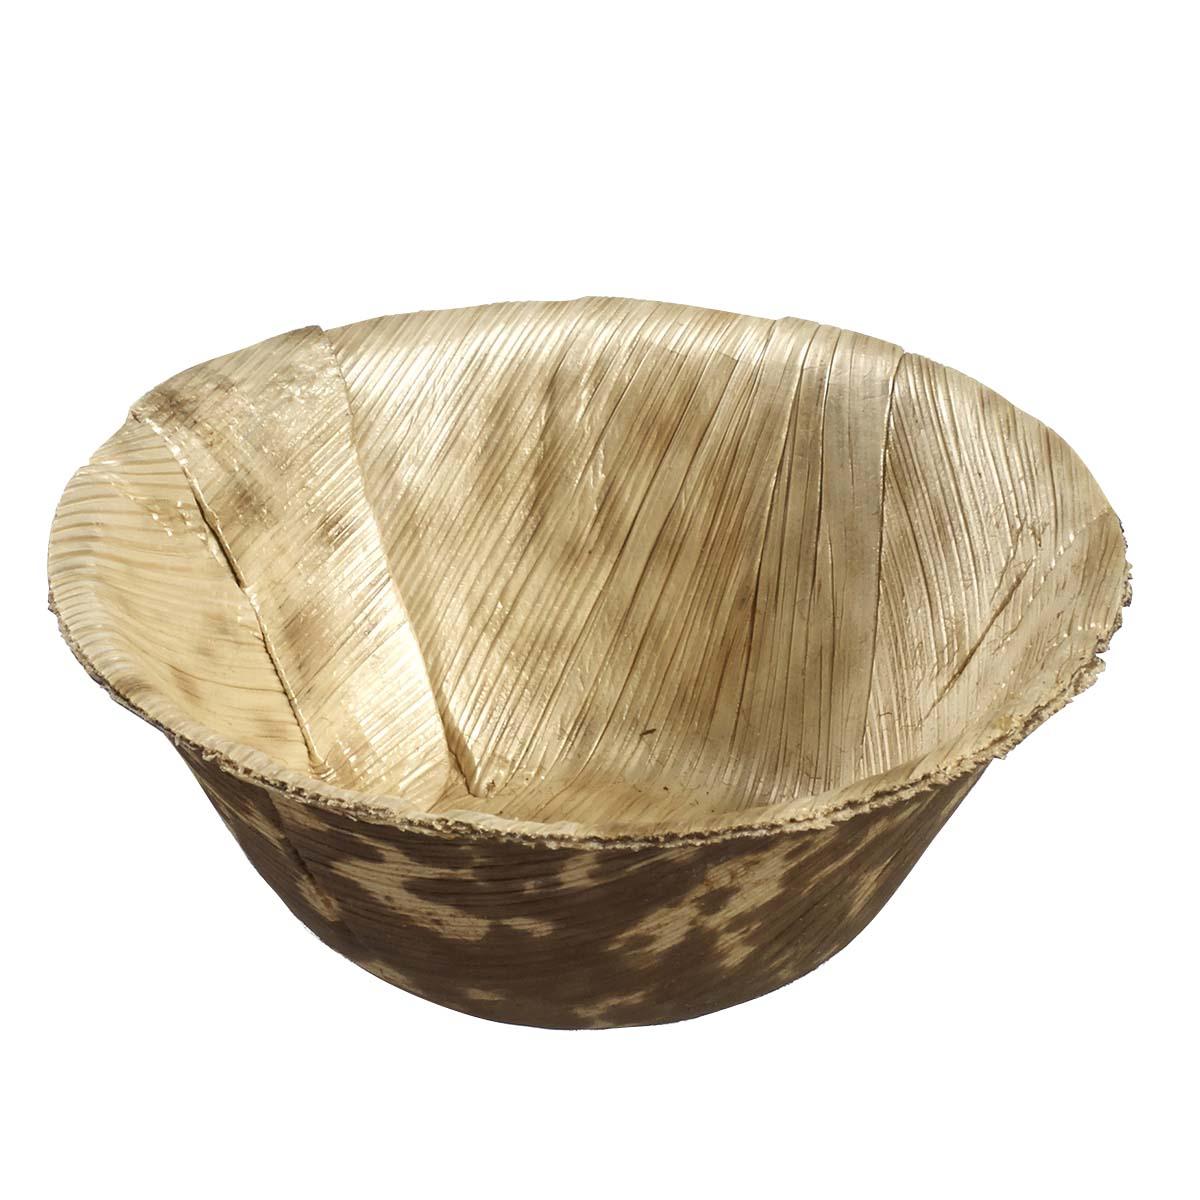 Bol feuille bambou thermoformé Ø 75 mm par 50 - par 1000